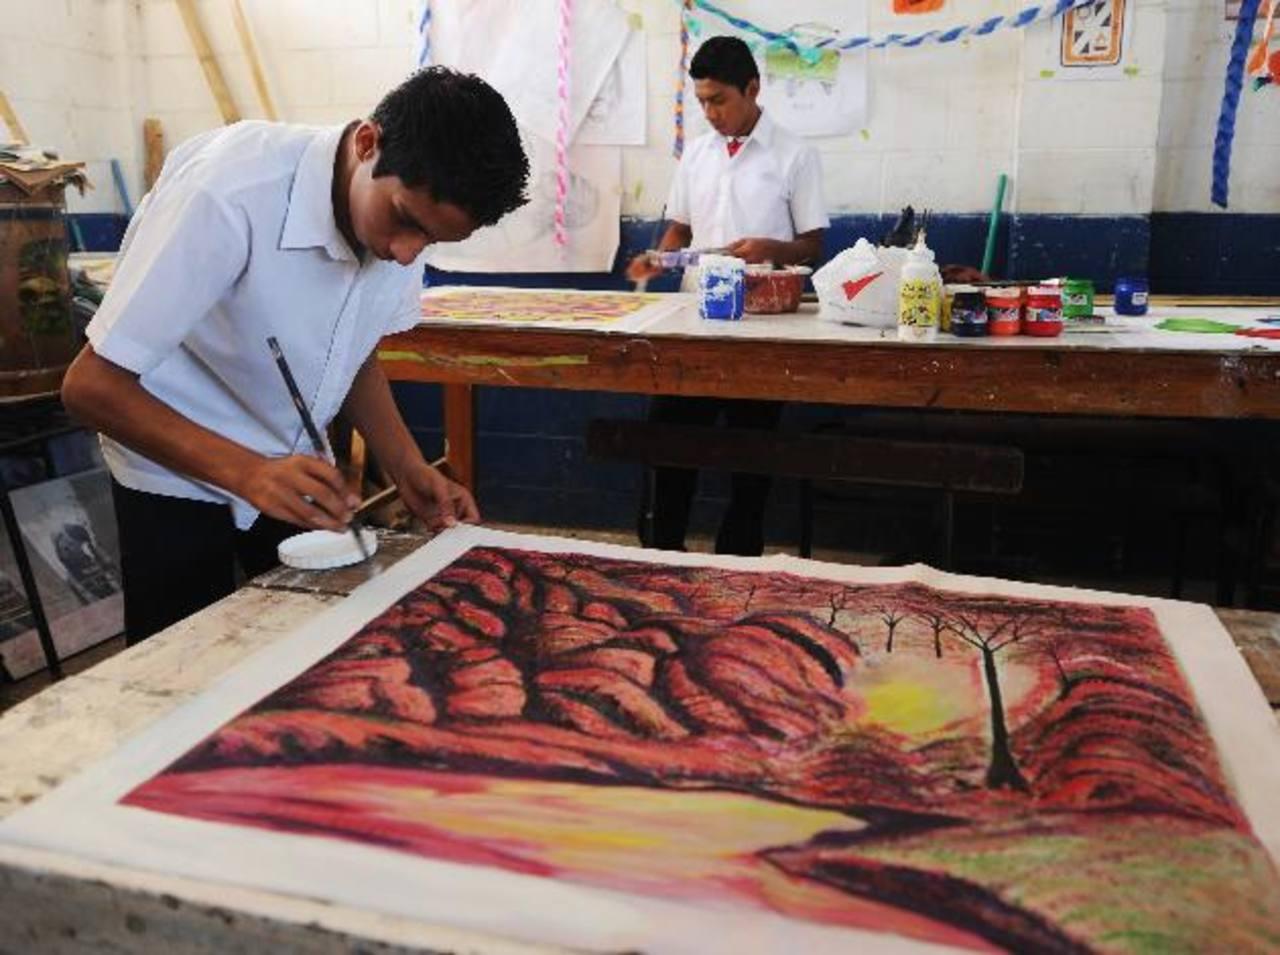 Los alumnos aprovecharán las vacaciones de fin de año para dar los toques finales a algunas obras. Foto EDH / Marlon Hernández